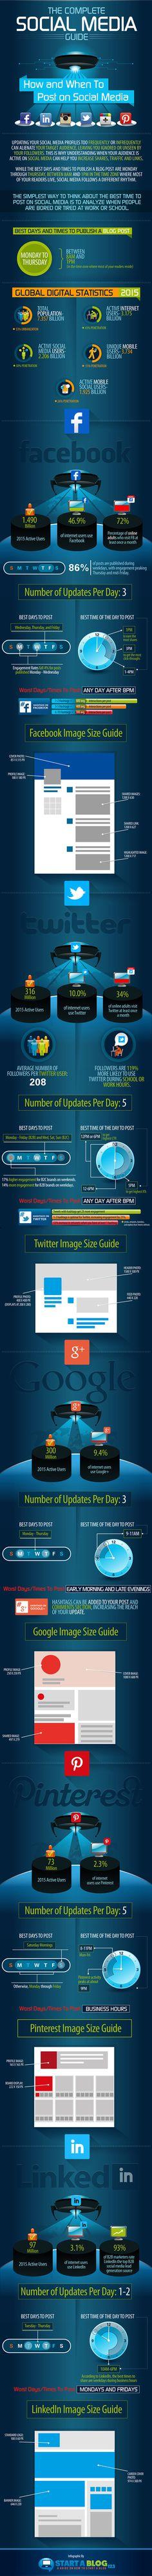 zo houd je je social media kanalen effectief bij infographic